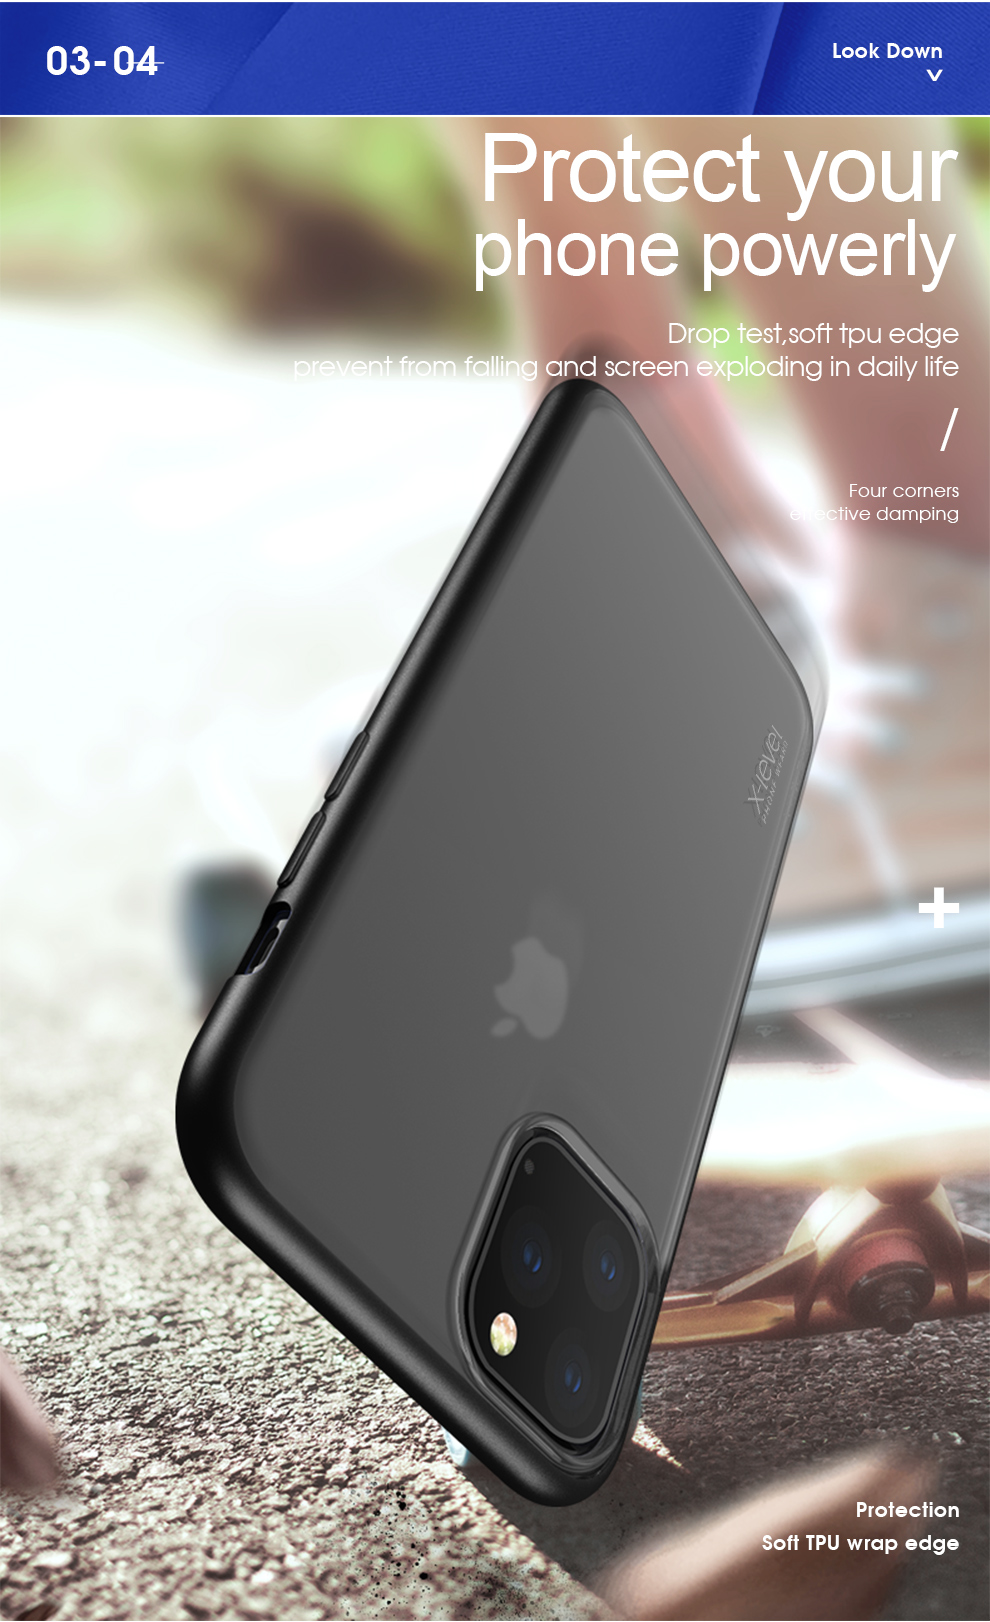 Descuentos Ya - Fundas en silicona originales iPhone - 2612